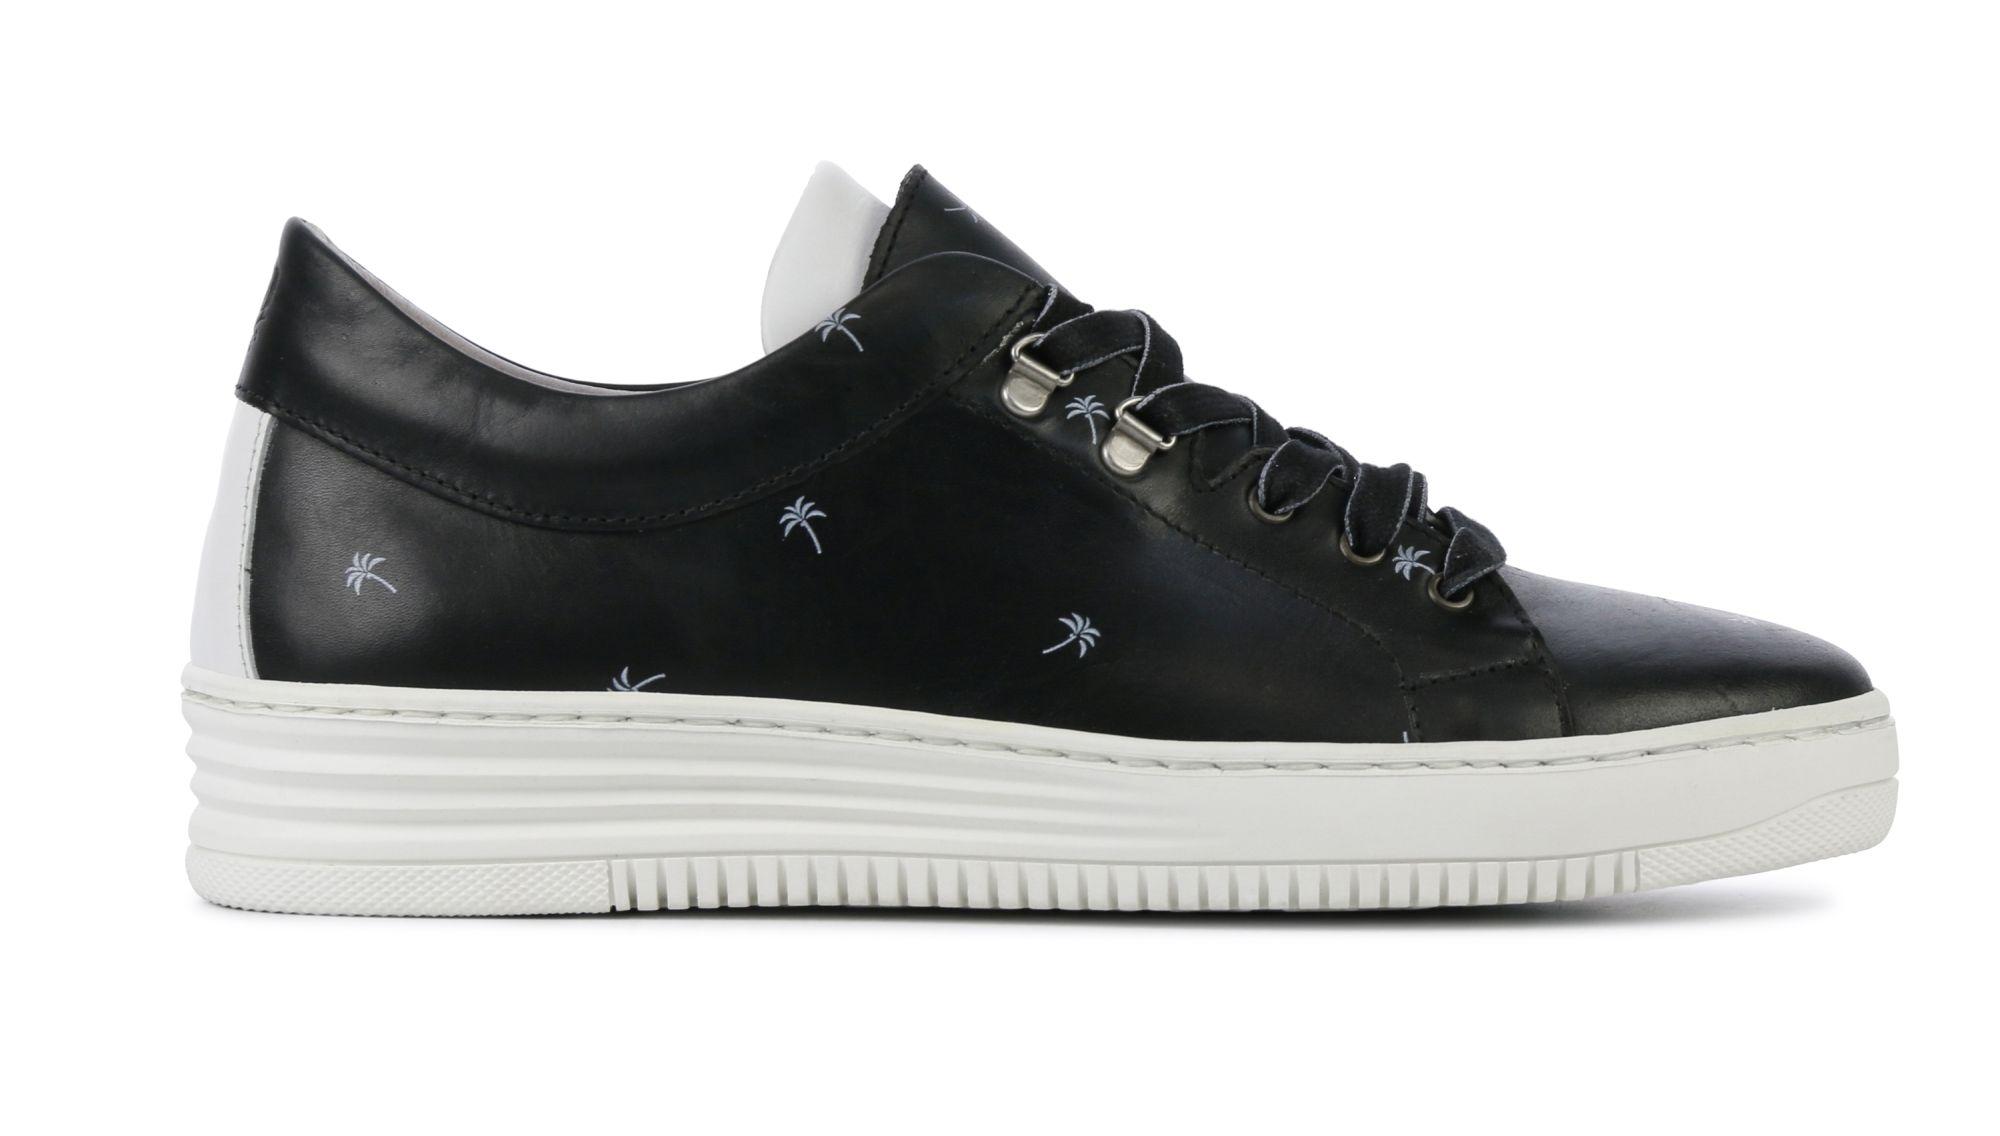 Chaussures De Sport Femme (noir) Vente Discount Sortie Wiki Sortie En Gros À Prix En Ligne Acheter Pas Cher De Haute Qualité w3VHTrEUt